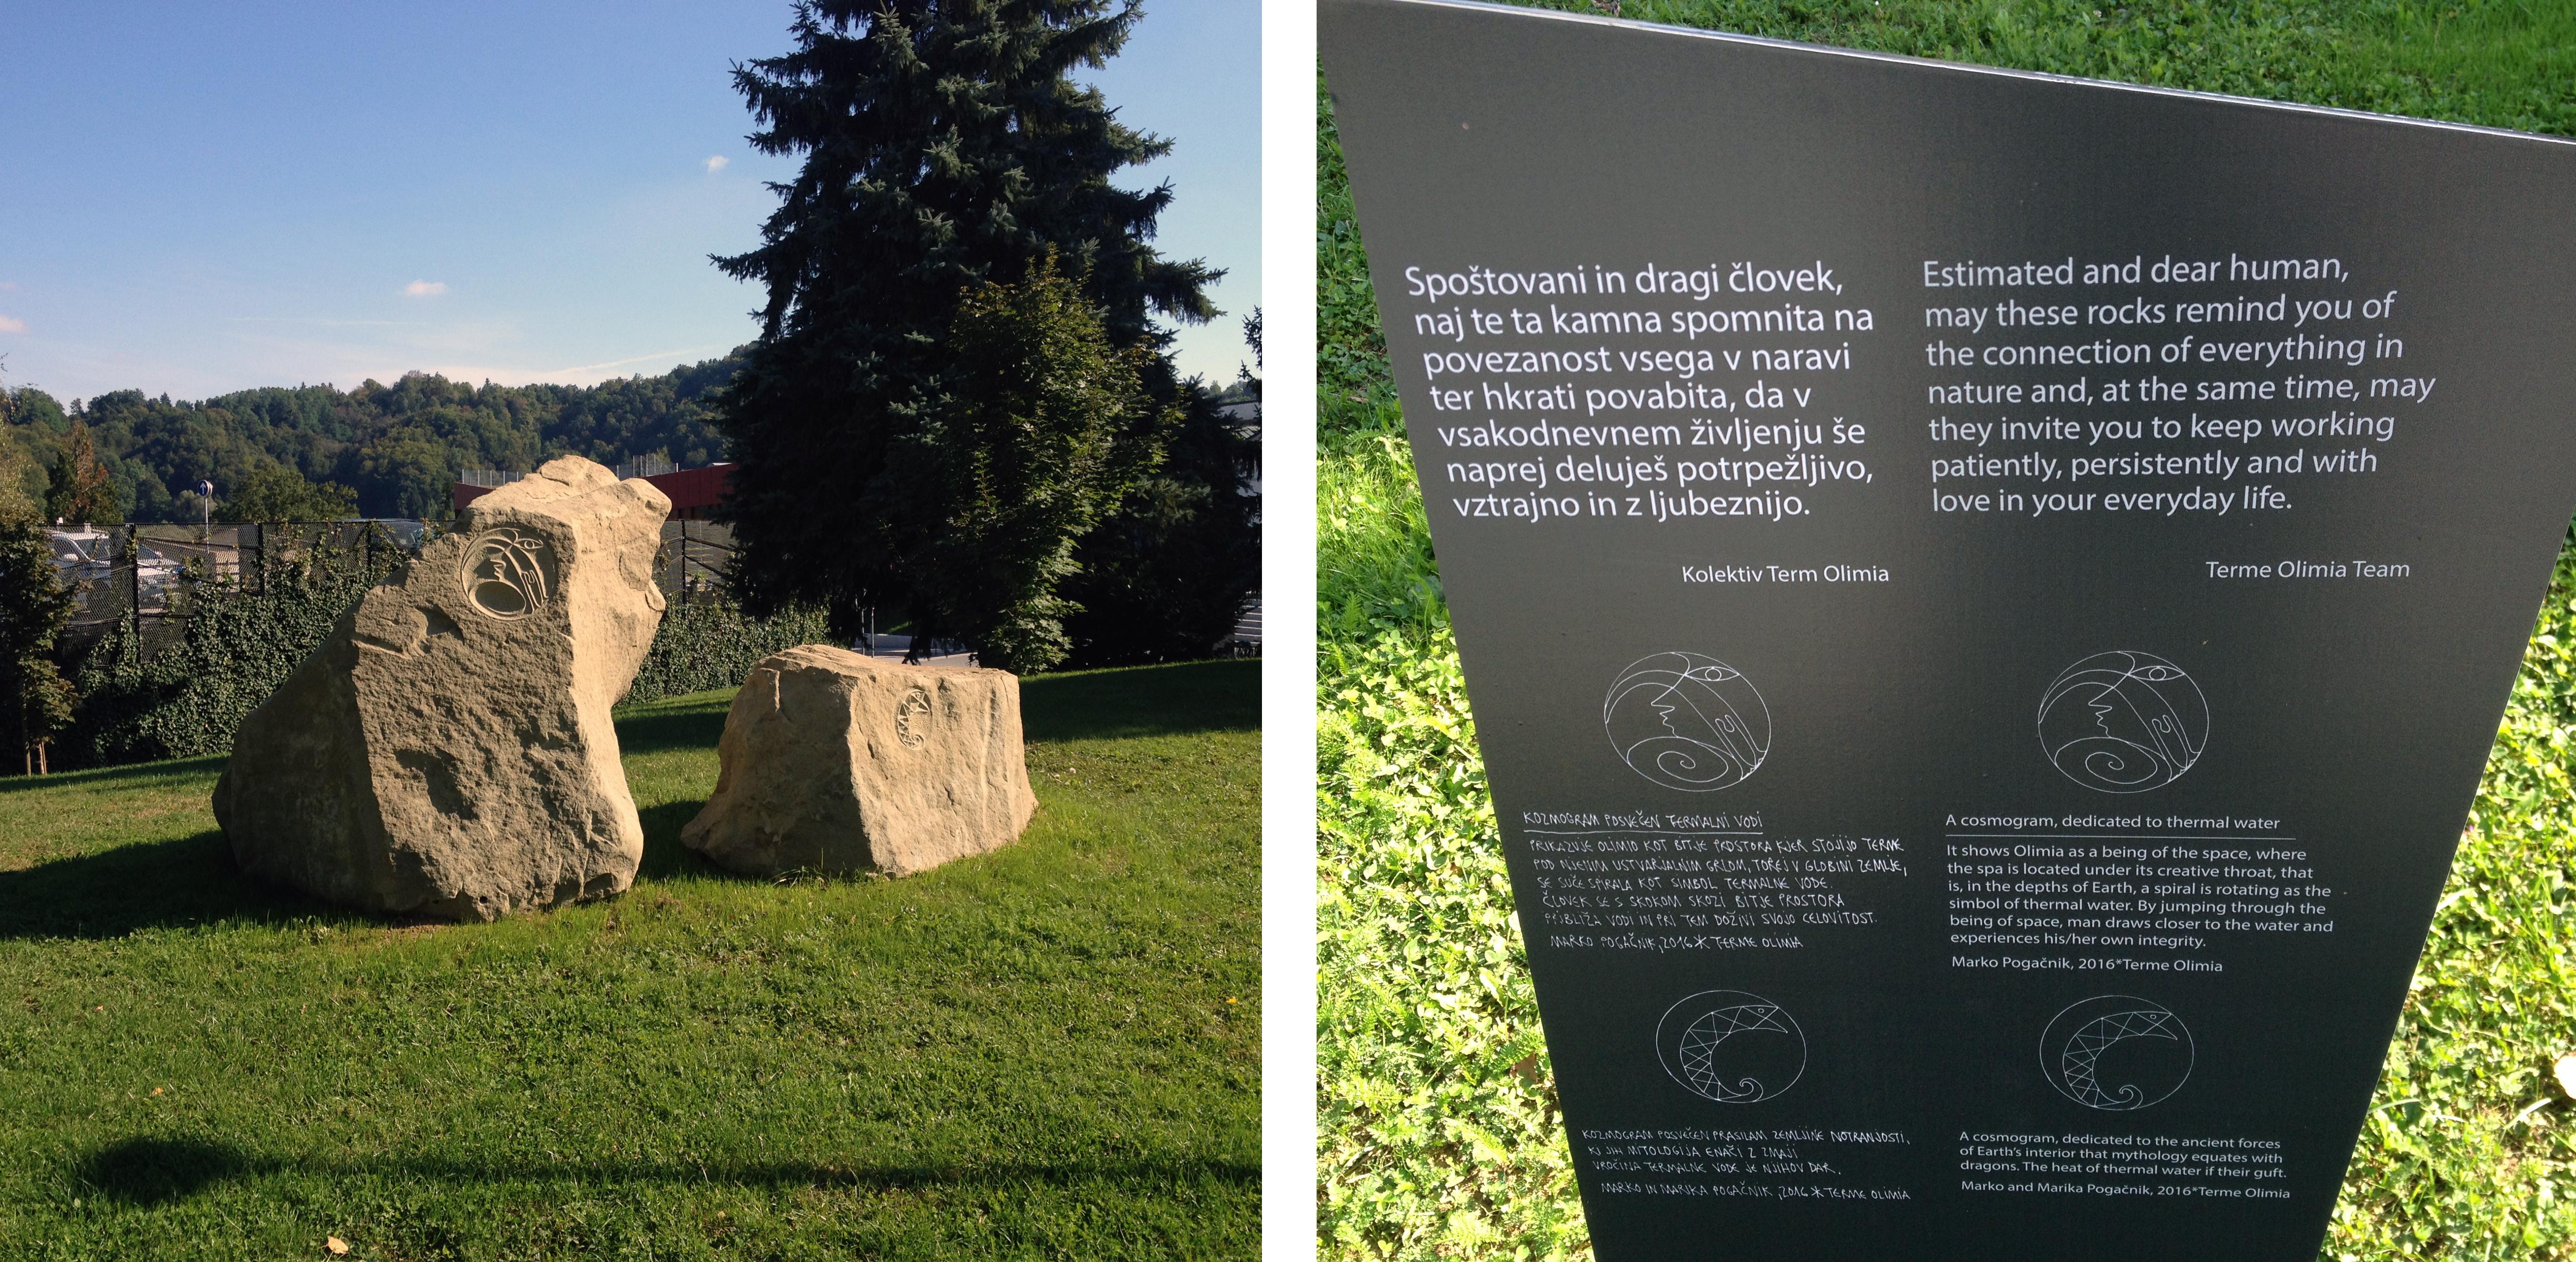 Meseca avgusta 2016 sva za Terme Olimje z Mariko izklesala dva kozmograma v čast in zahvalo vodi. Kamna smo našli v bližnjem opuščenem kamnolomu. Stojita pred hotelom Breza.